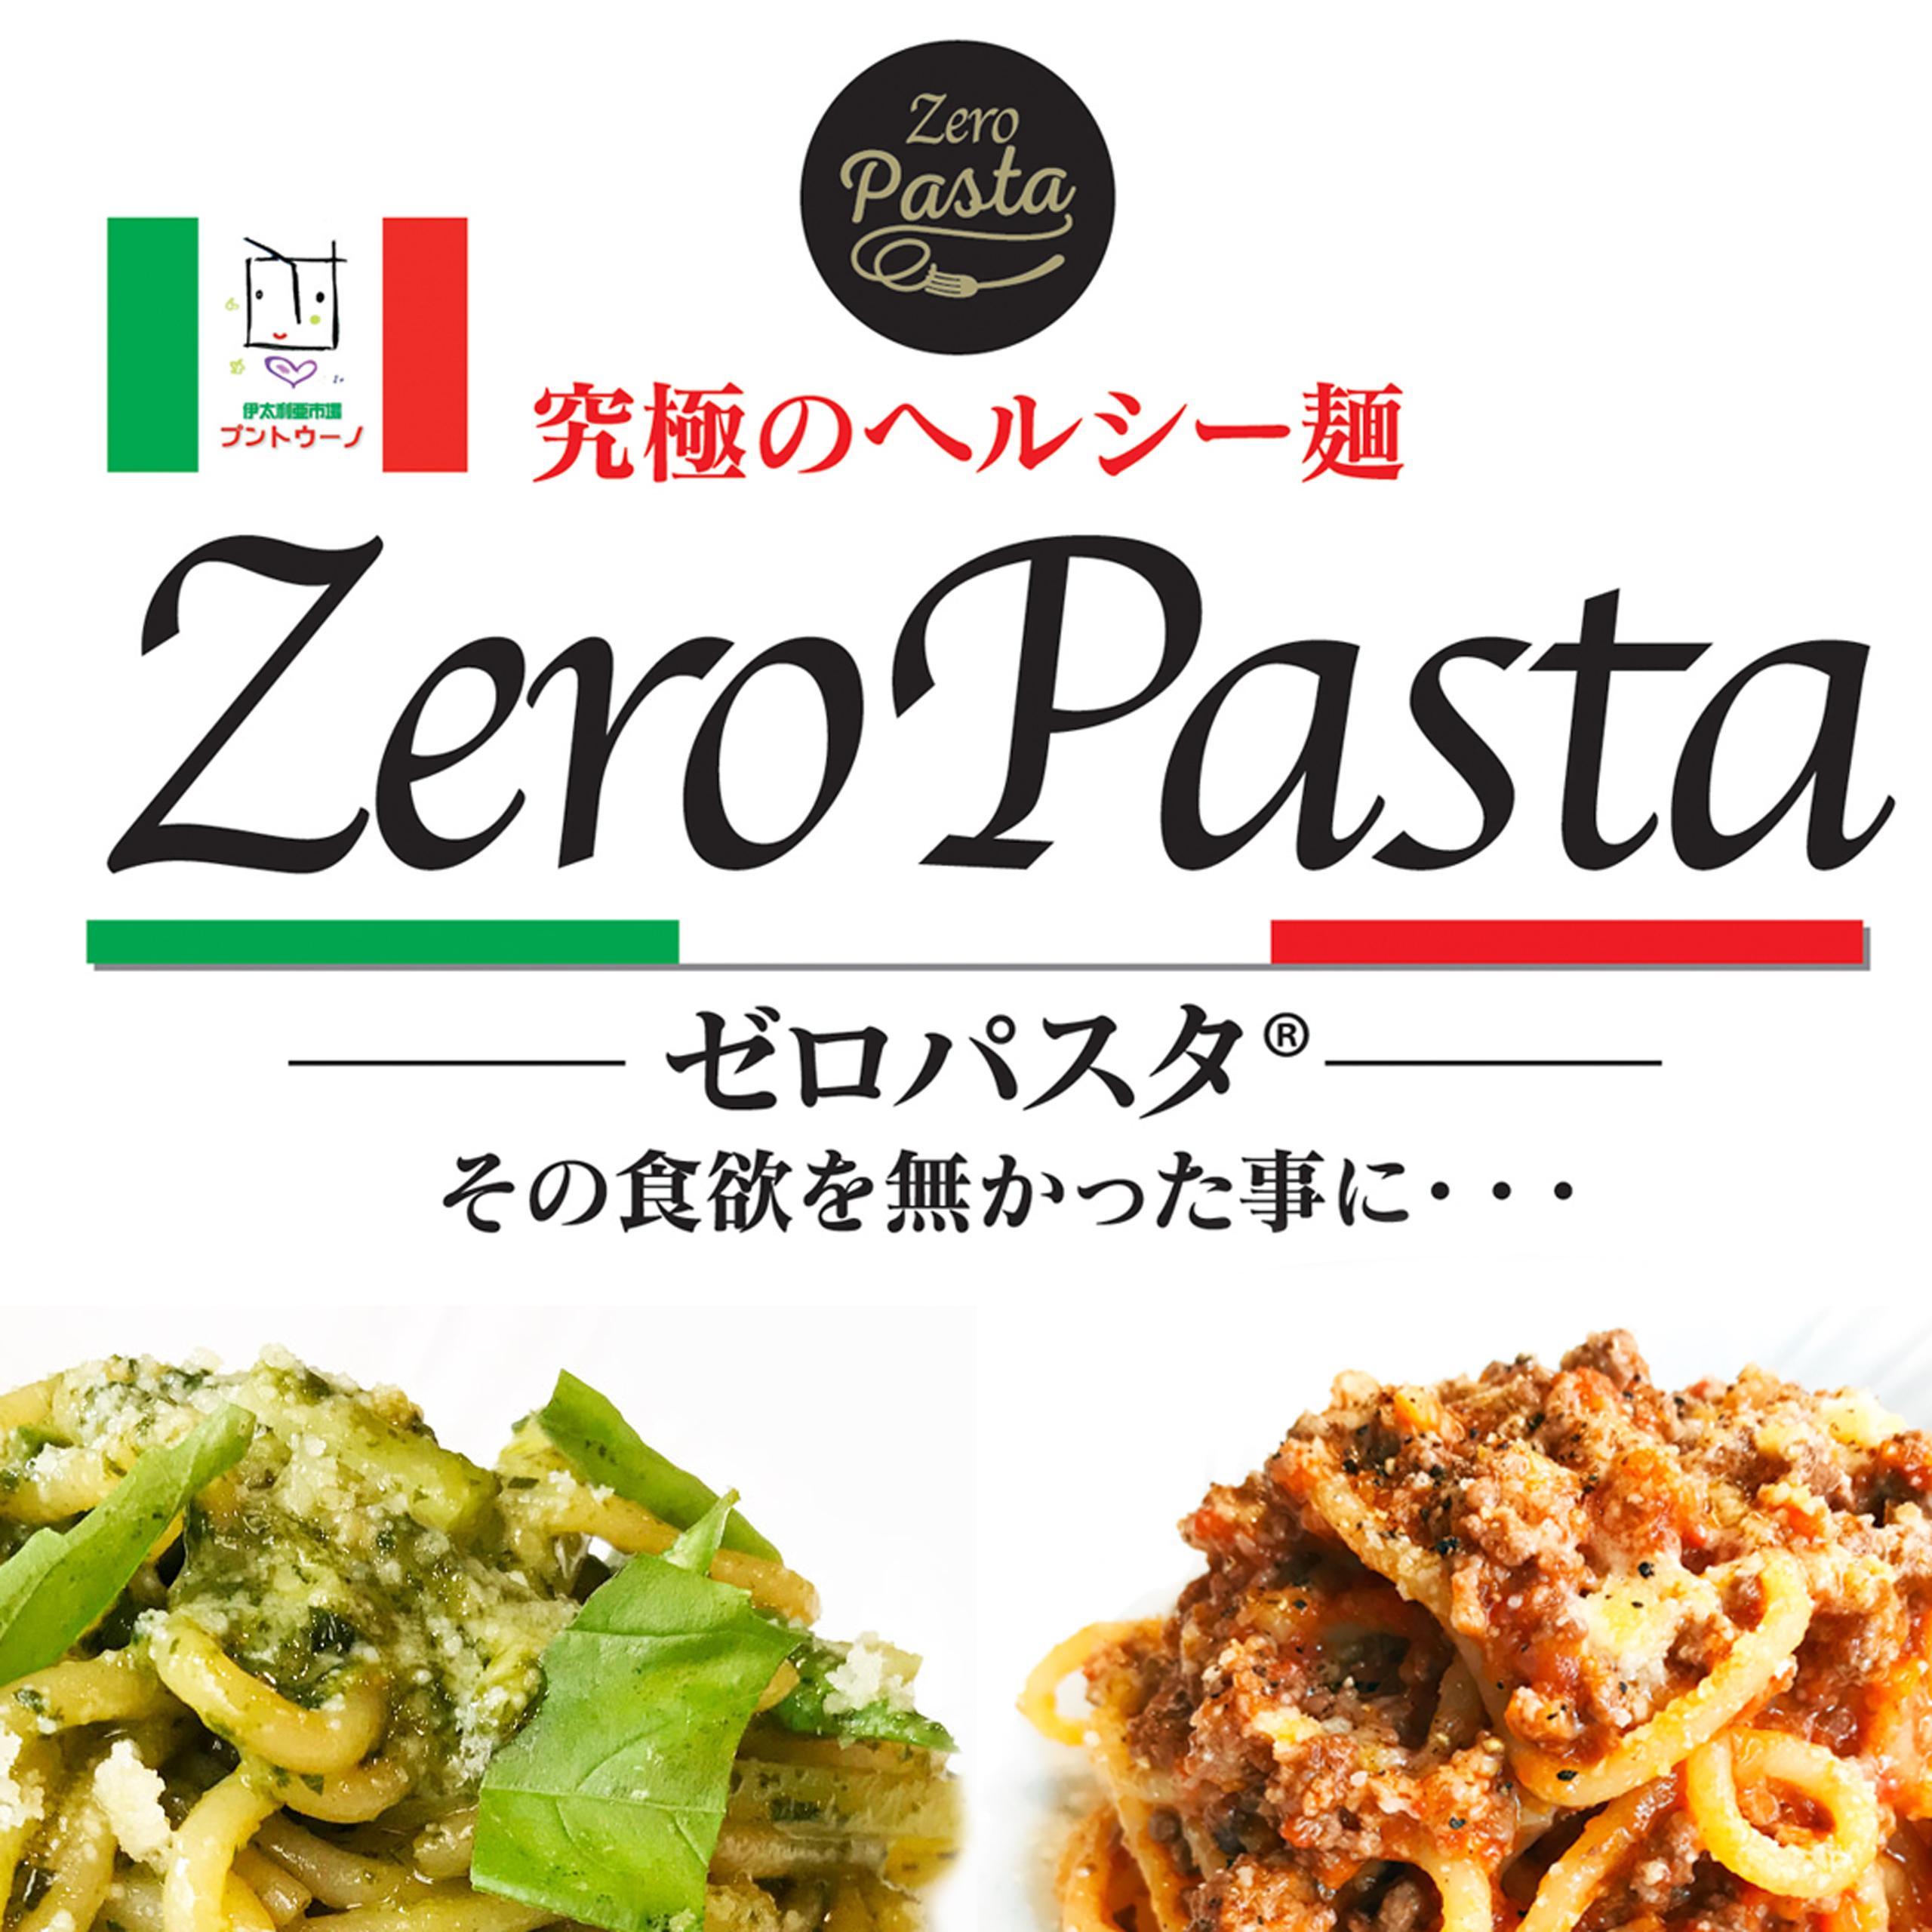 糖質・脂質・カロリーが、通常パスタの約13分の1に!究極のヘルシー麺「ゼロパスタ」